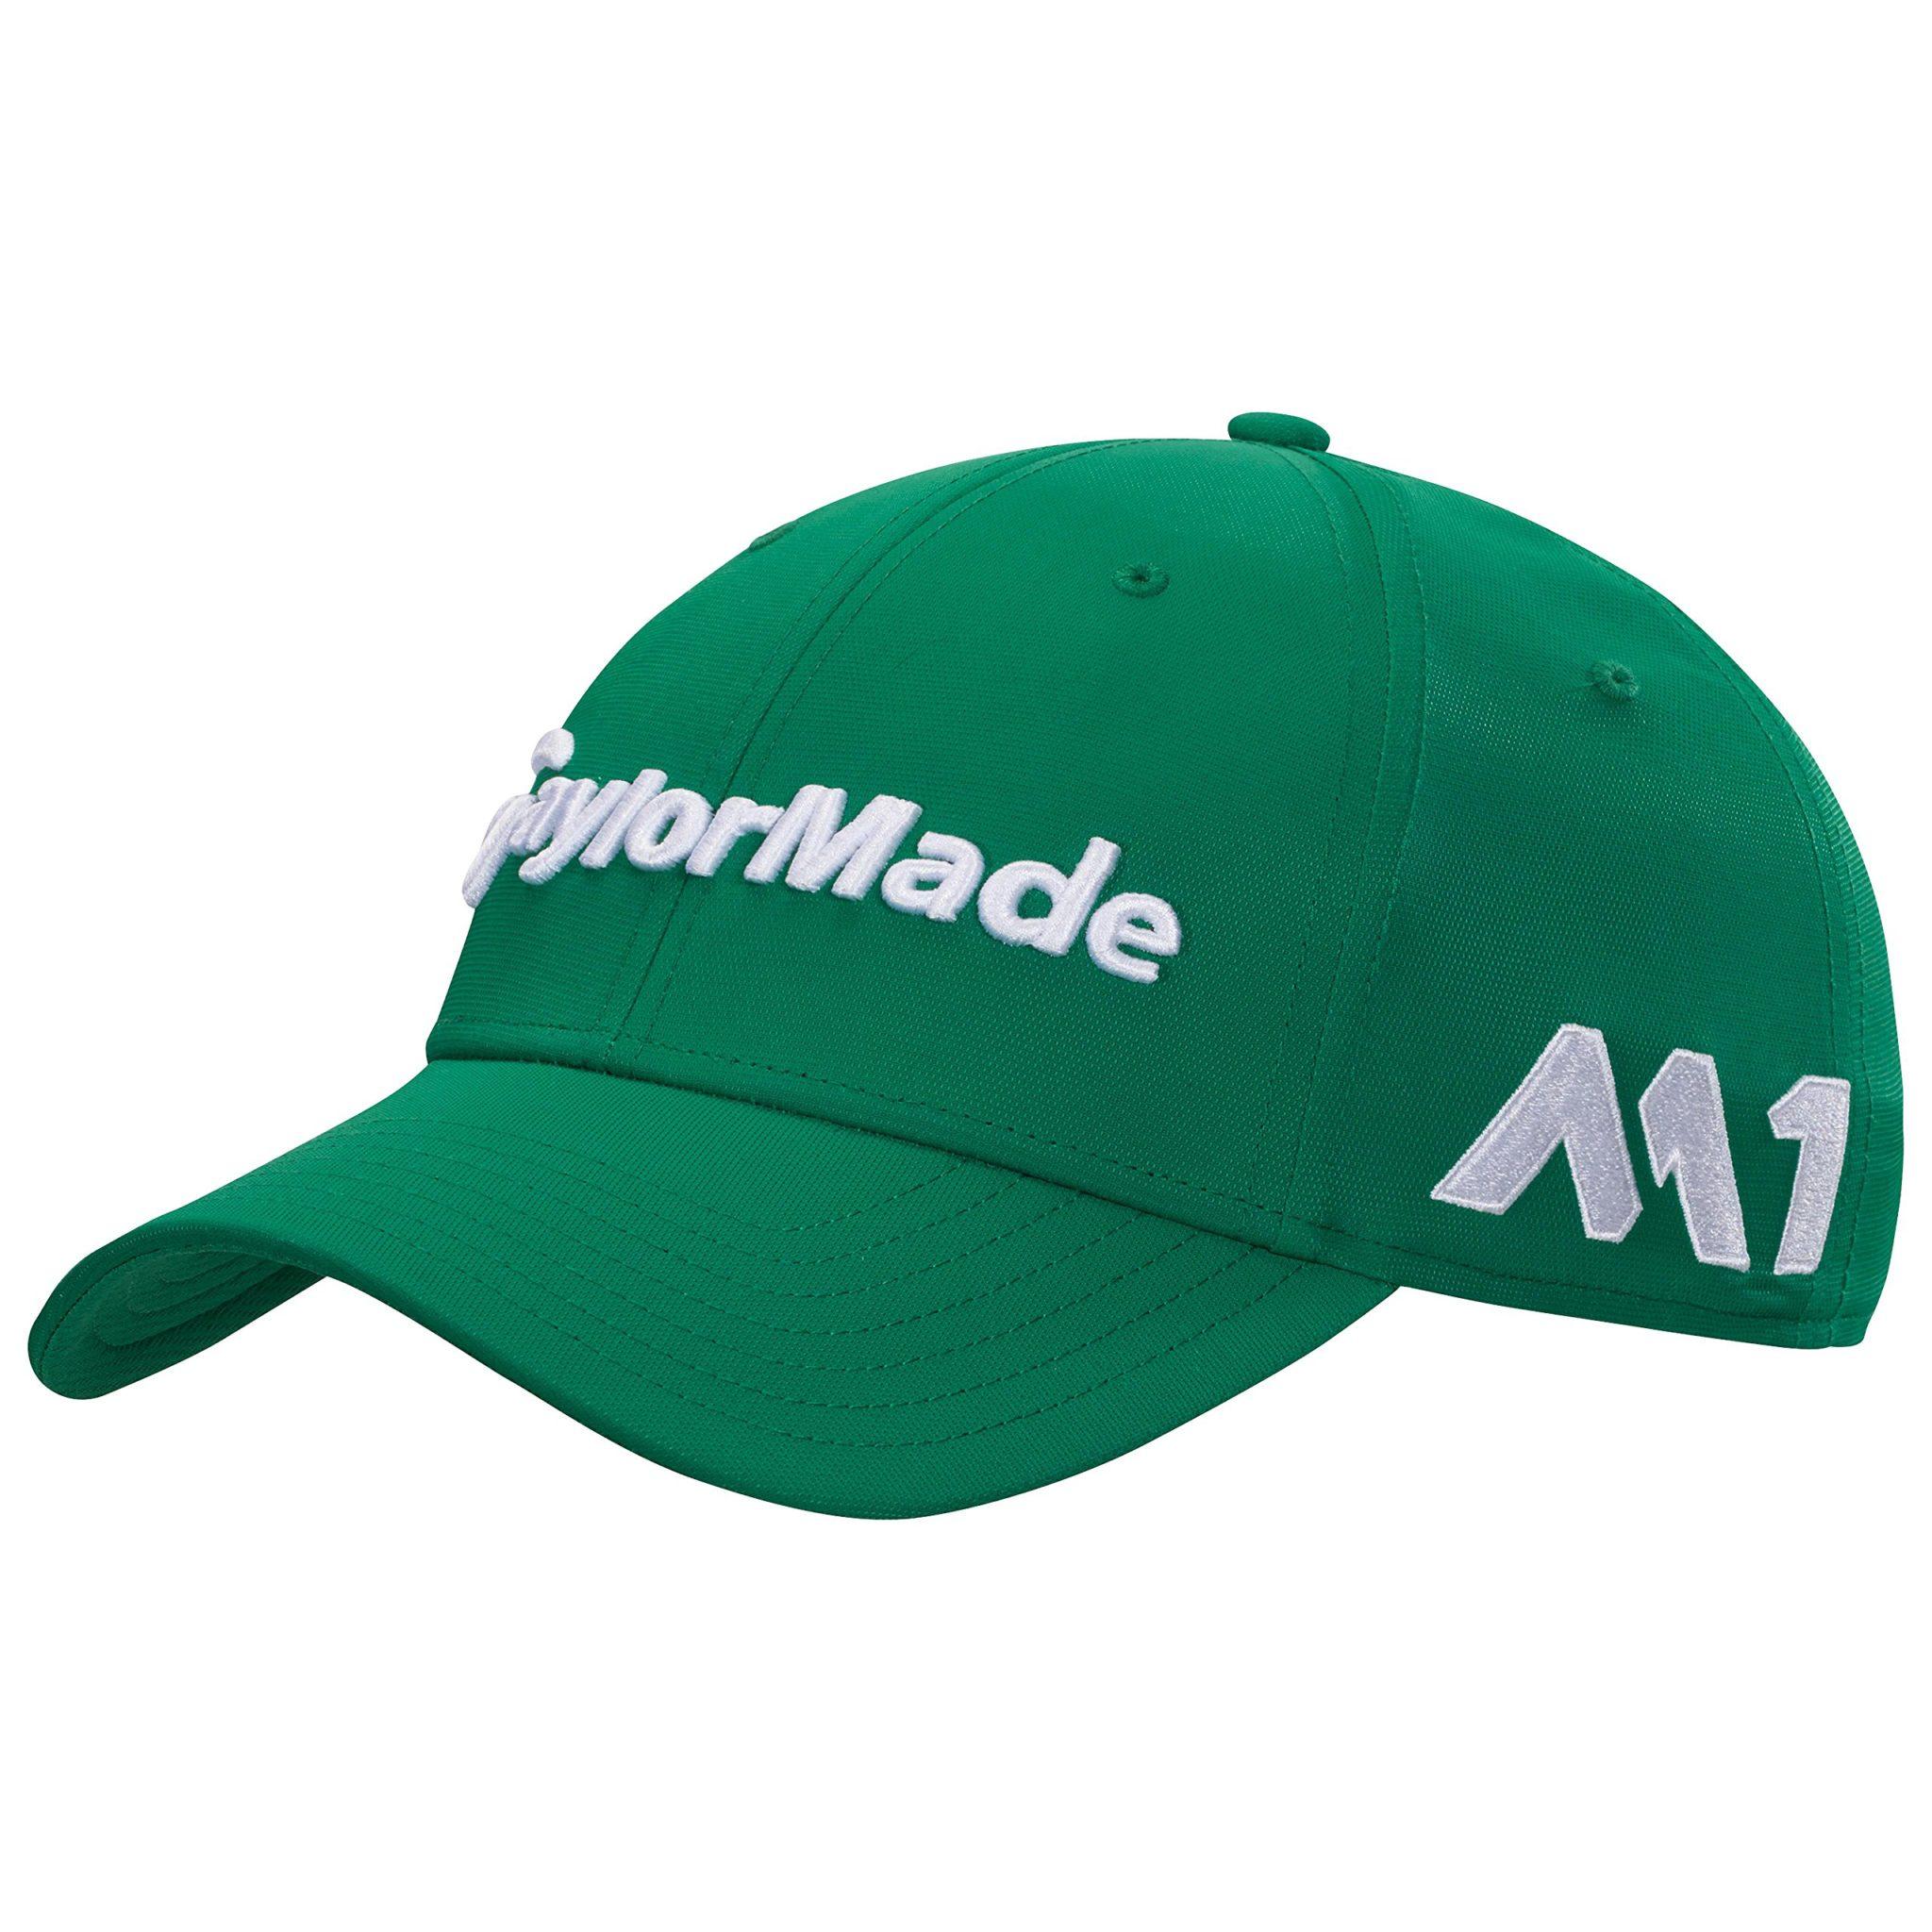 m1 cap